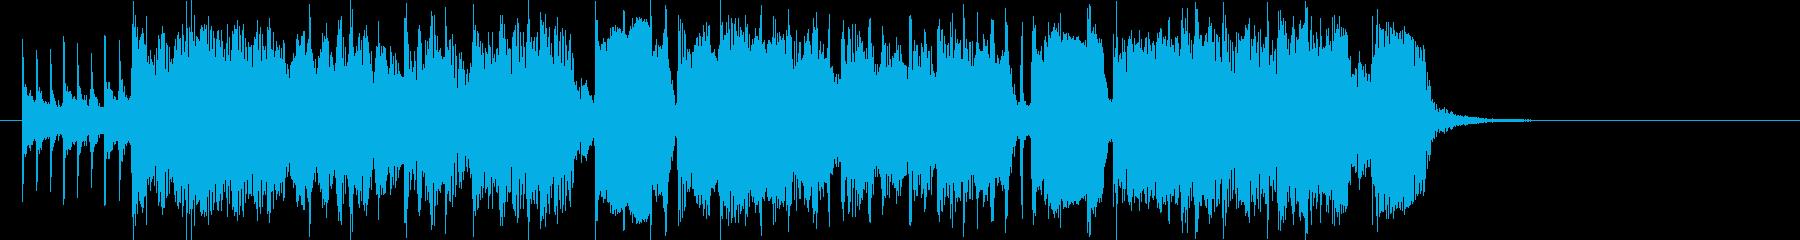 ギターとドラムのアップテンポのポップスの再生済みの波形